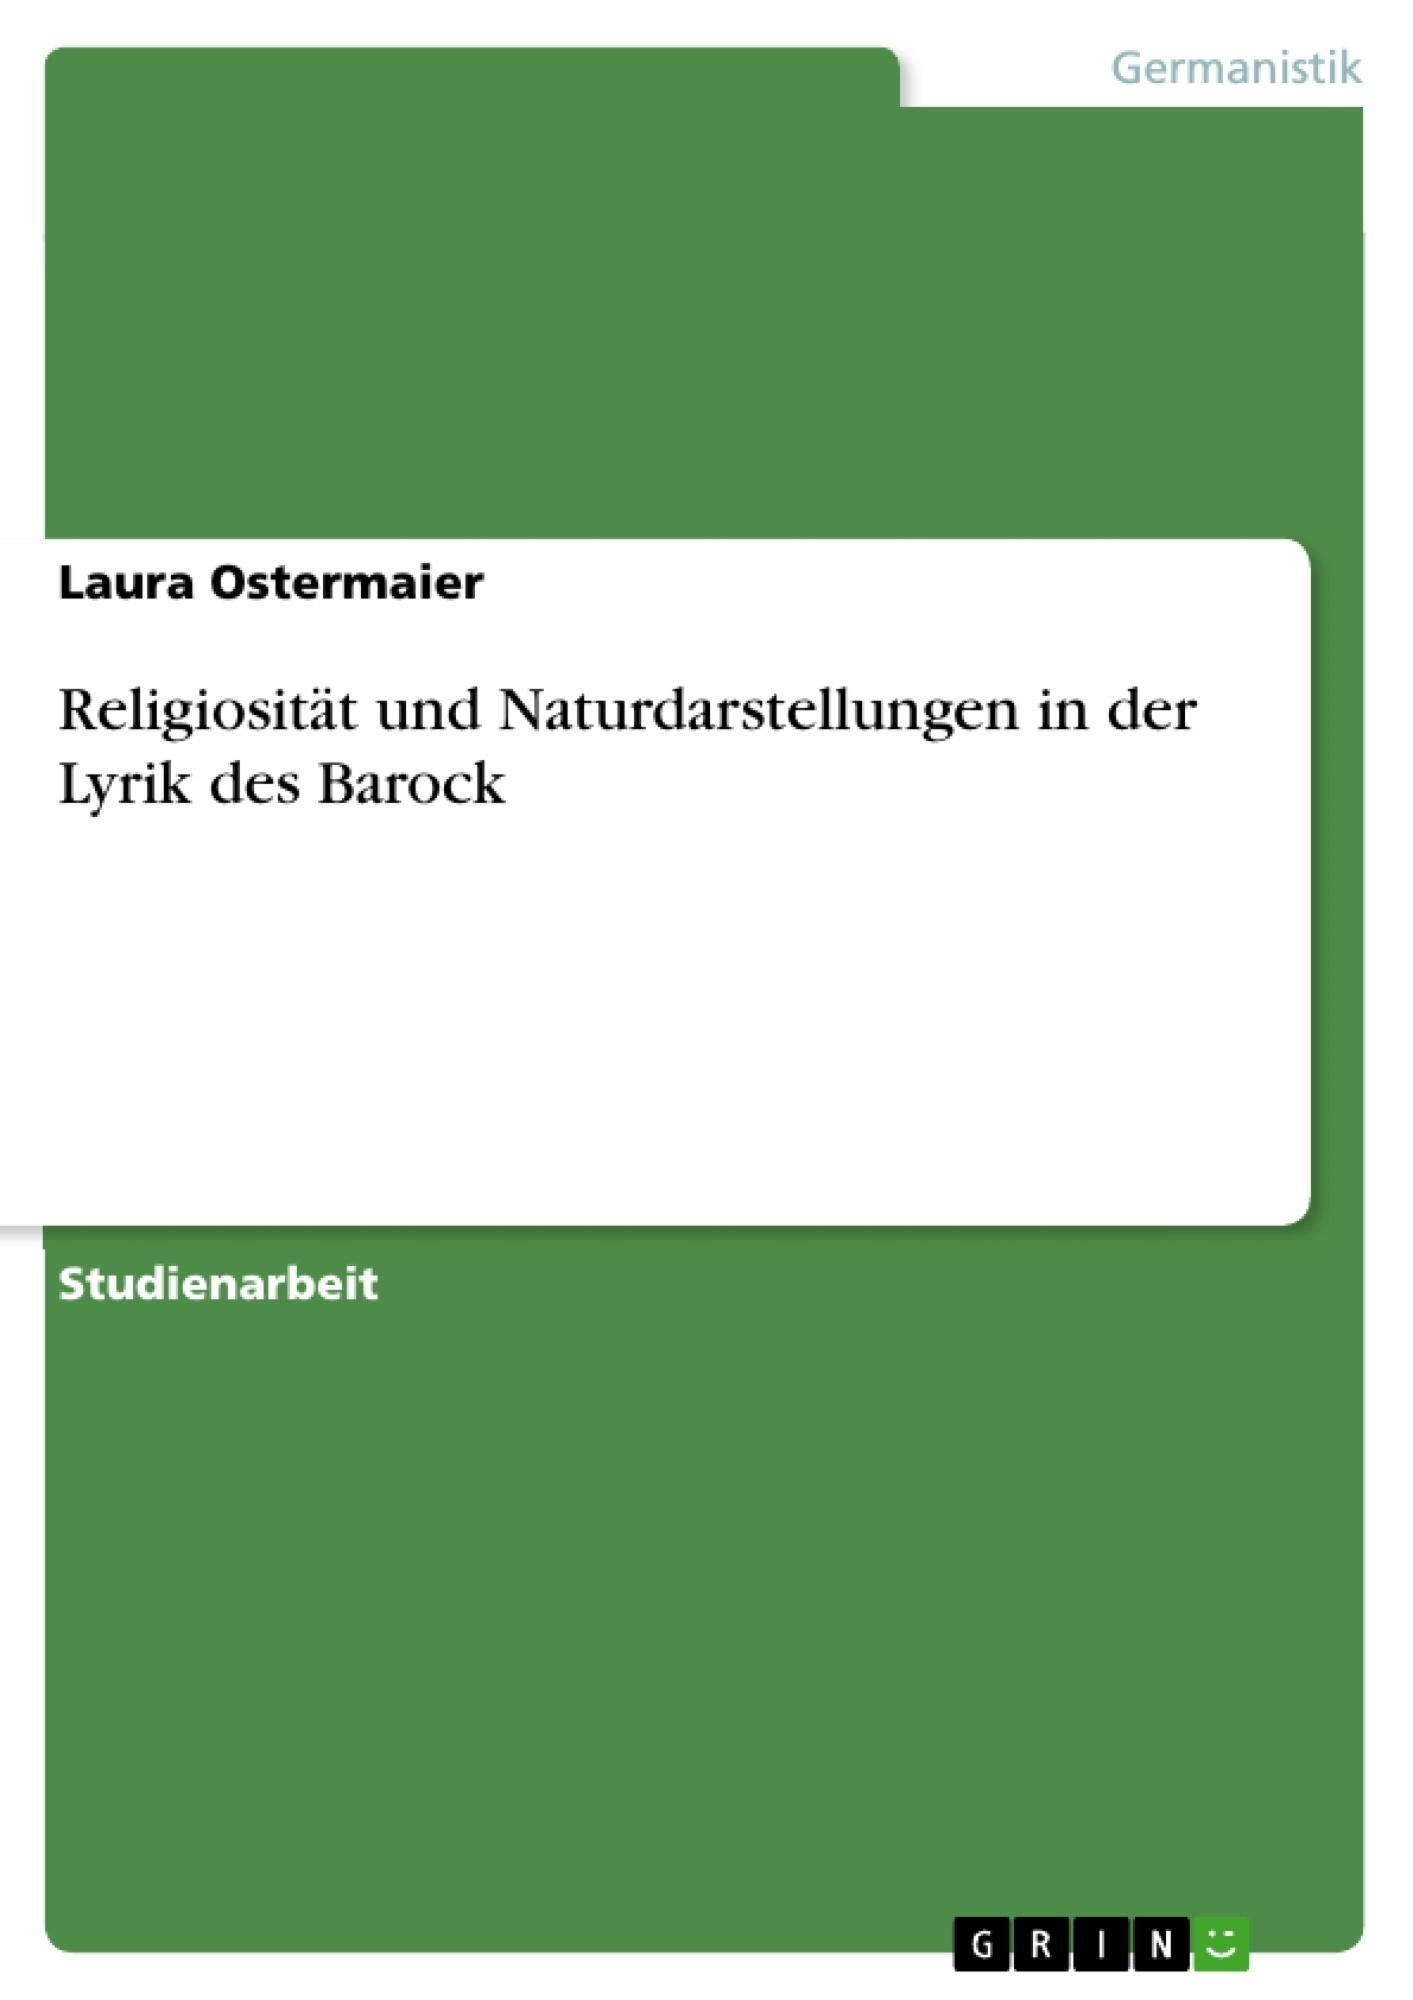 Titel: Religiosität und Naturdarstellungen in der Lyrik des Barock